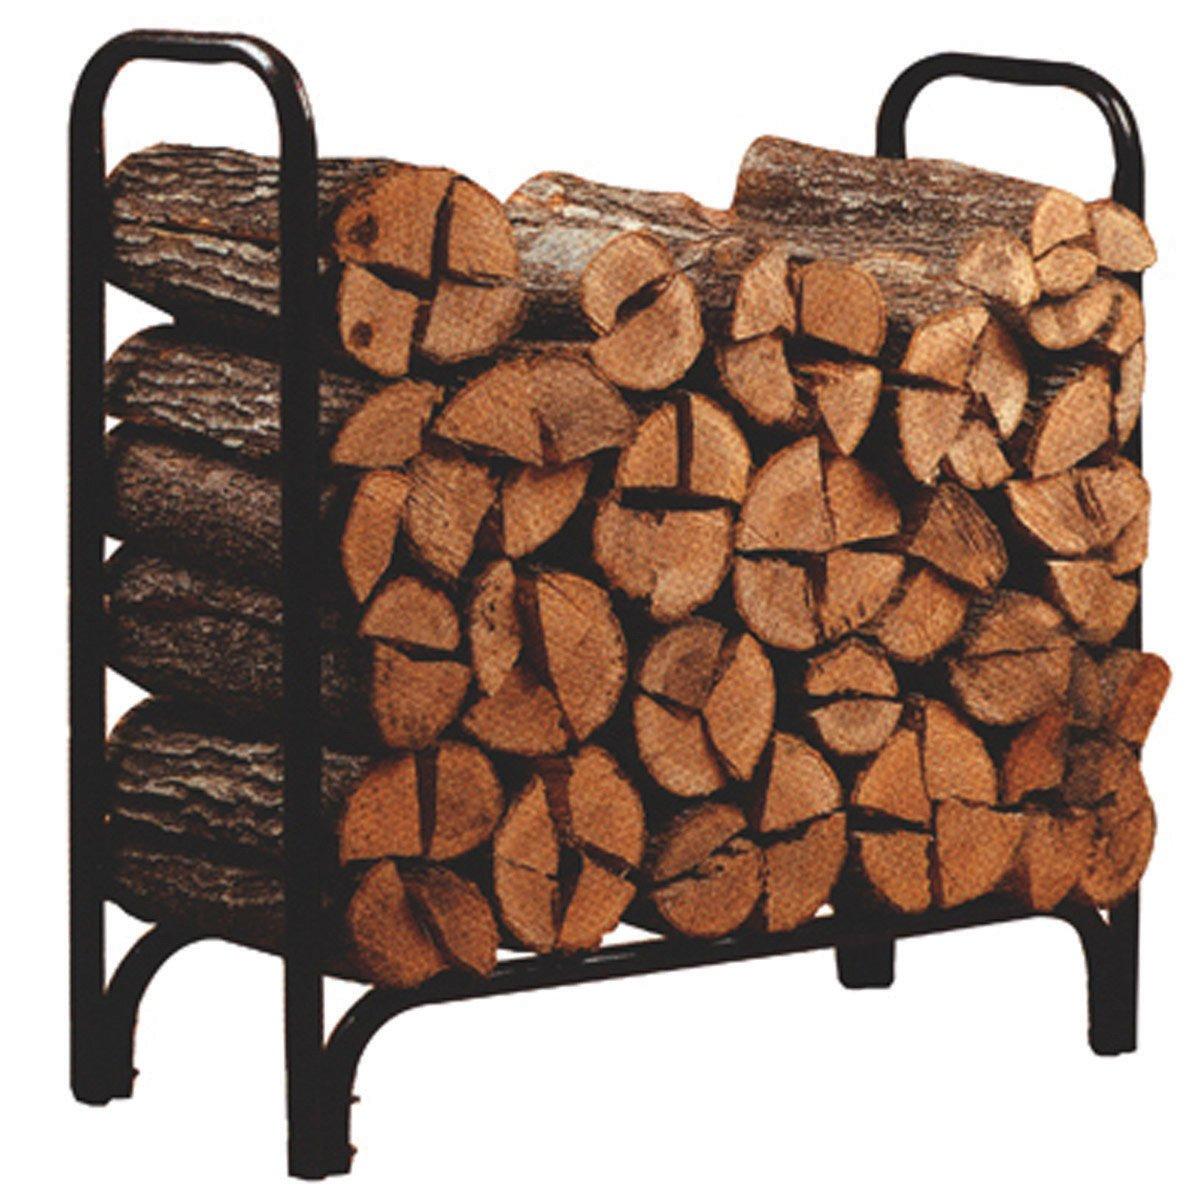 4 Foot Fireplace Outdoor Log Bin Wood Storage Rack Firewood Holder Heavy Duty Ebay